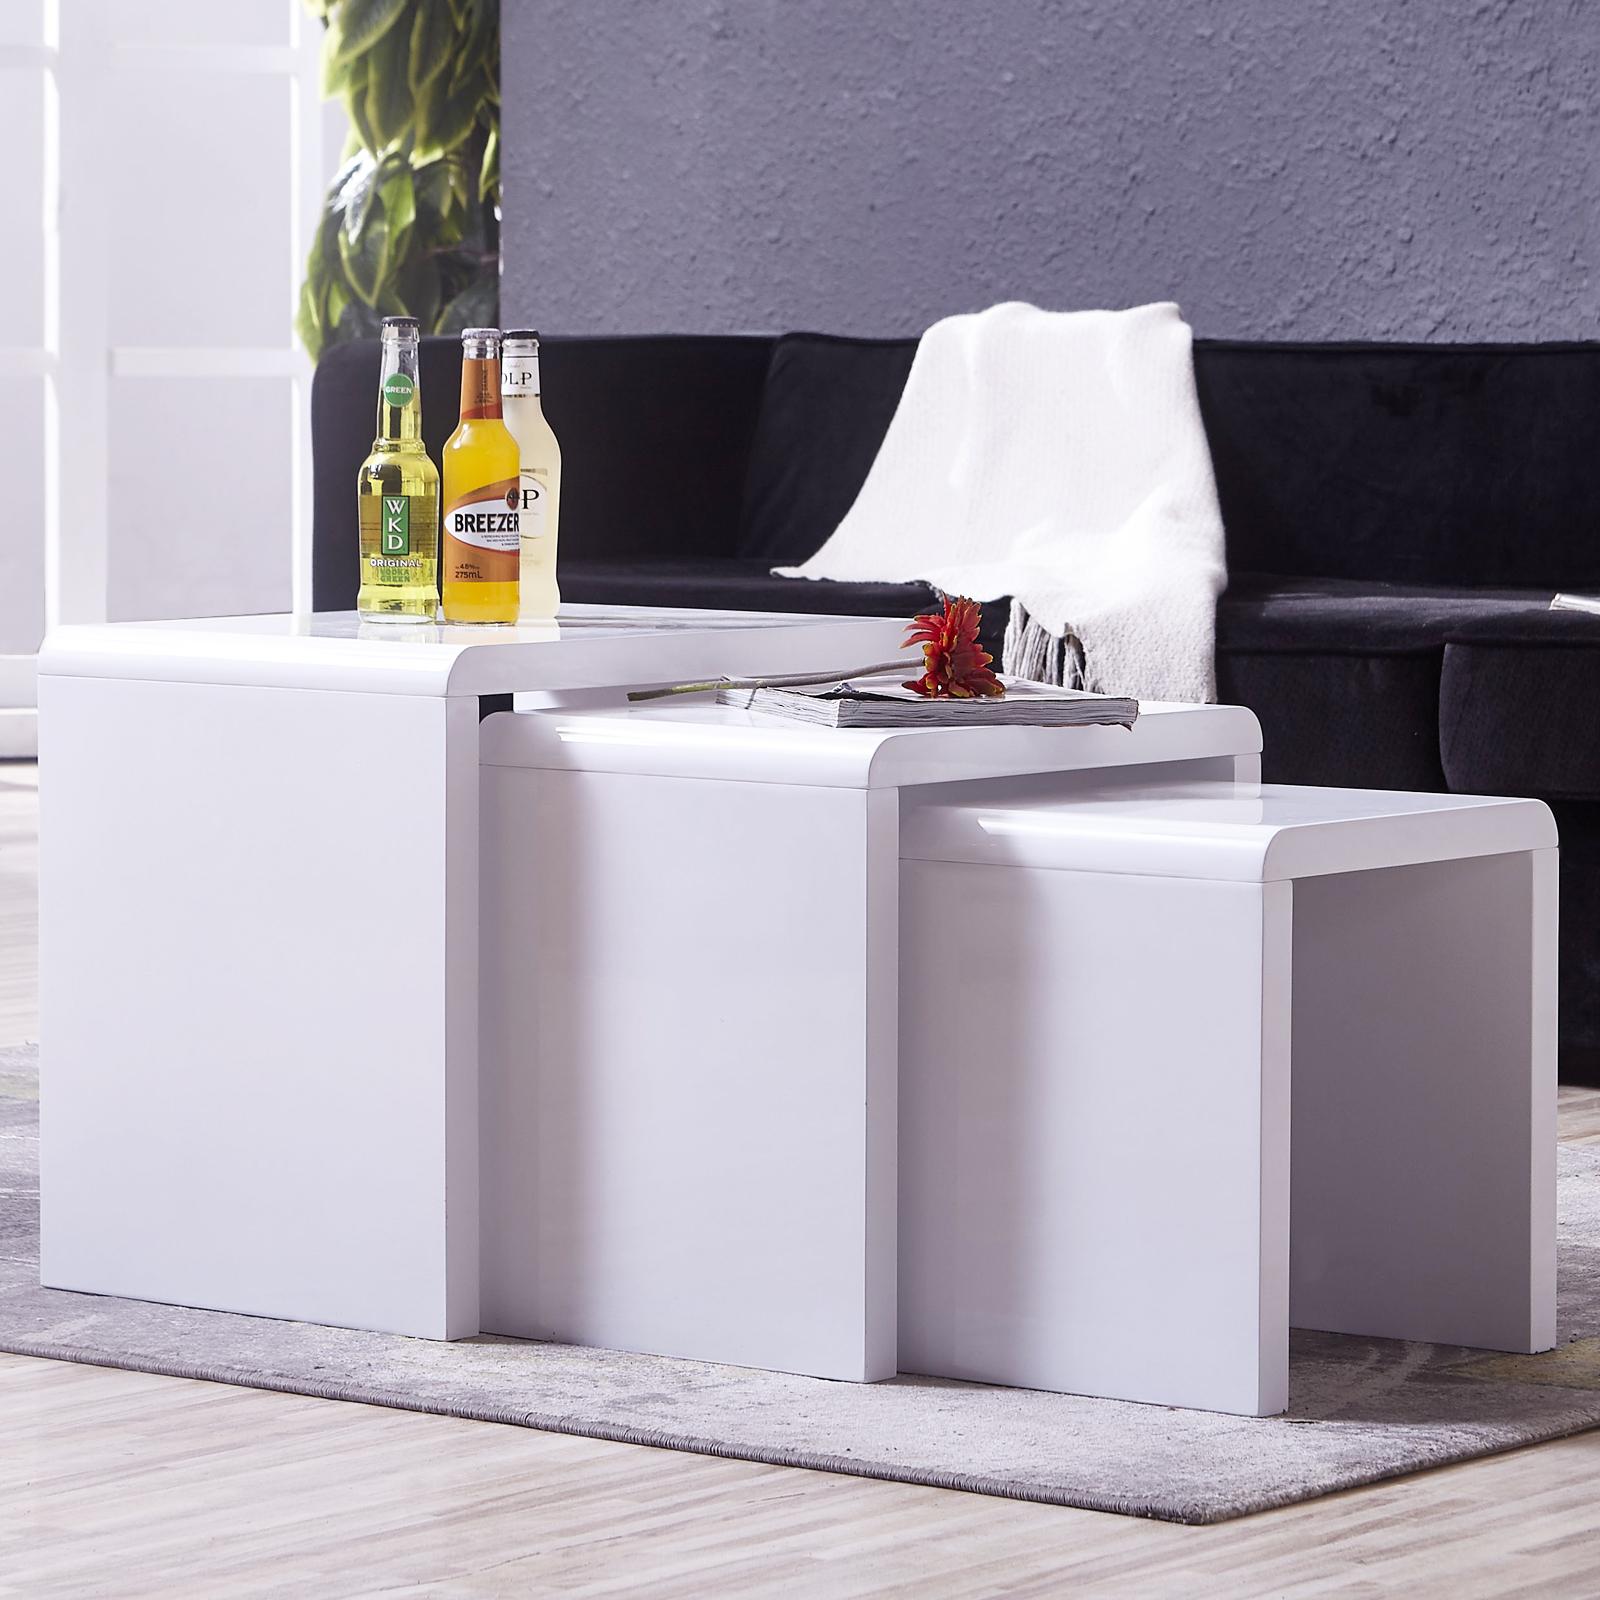 Modern Design High Gloss White White Glass Nest Of 3: High Gloss White Solid Nest Of 3 Coffee Tables MDF